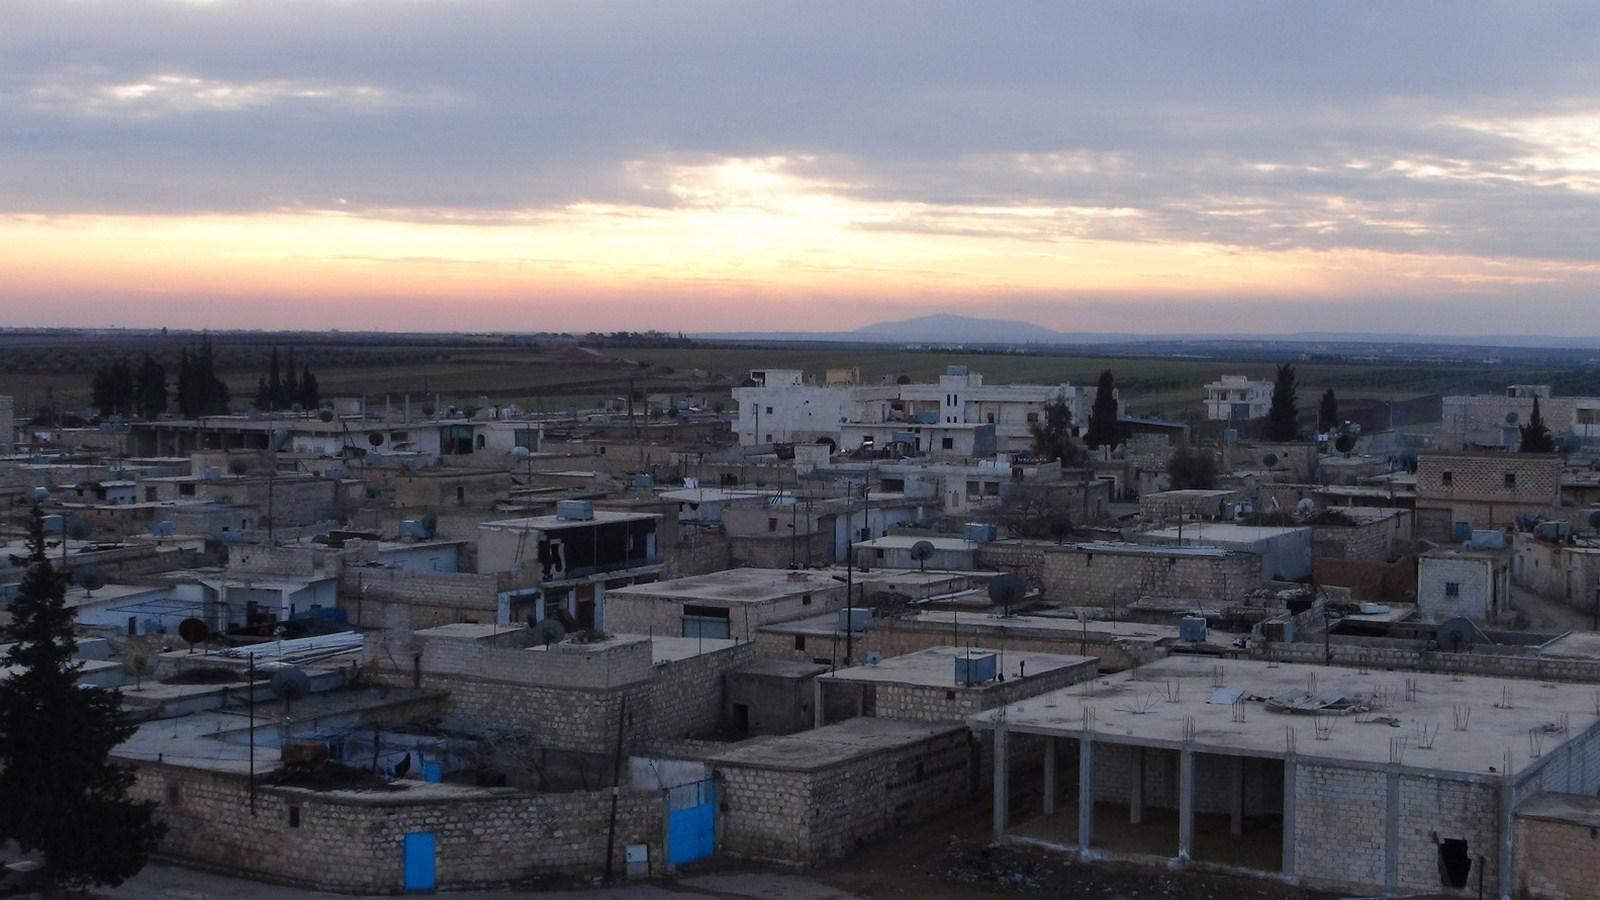 Bajaroka Ihris qenciya Efrînê vedigerîne